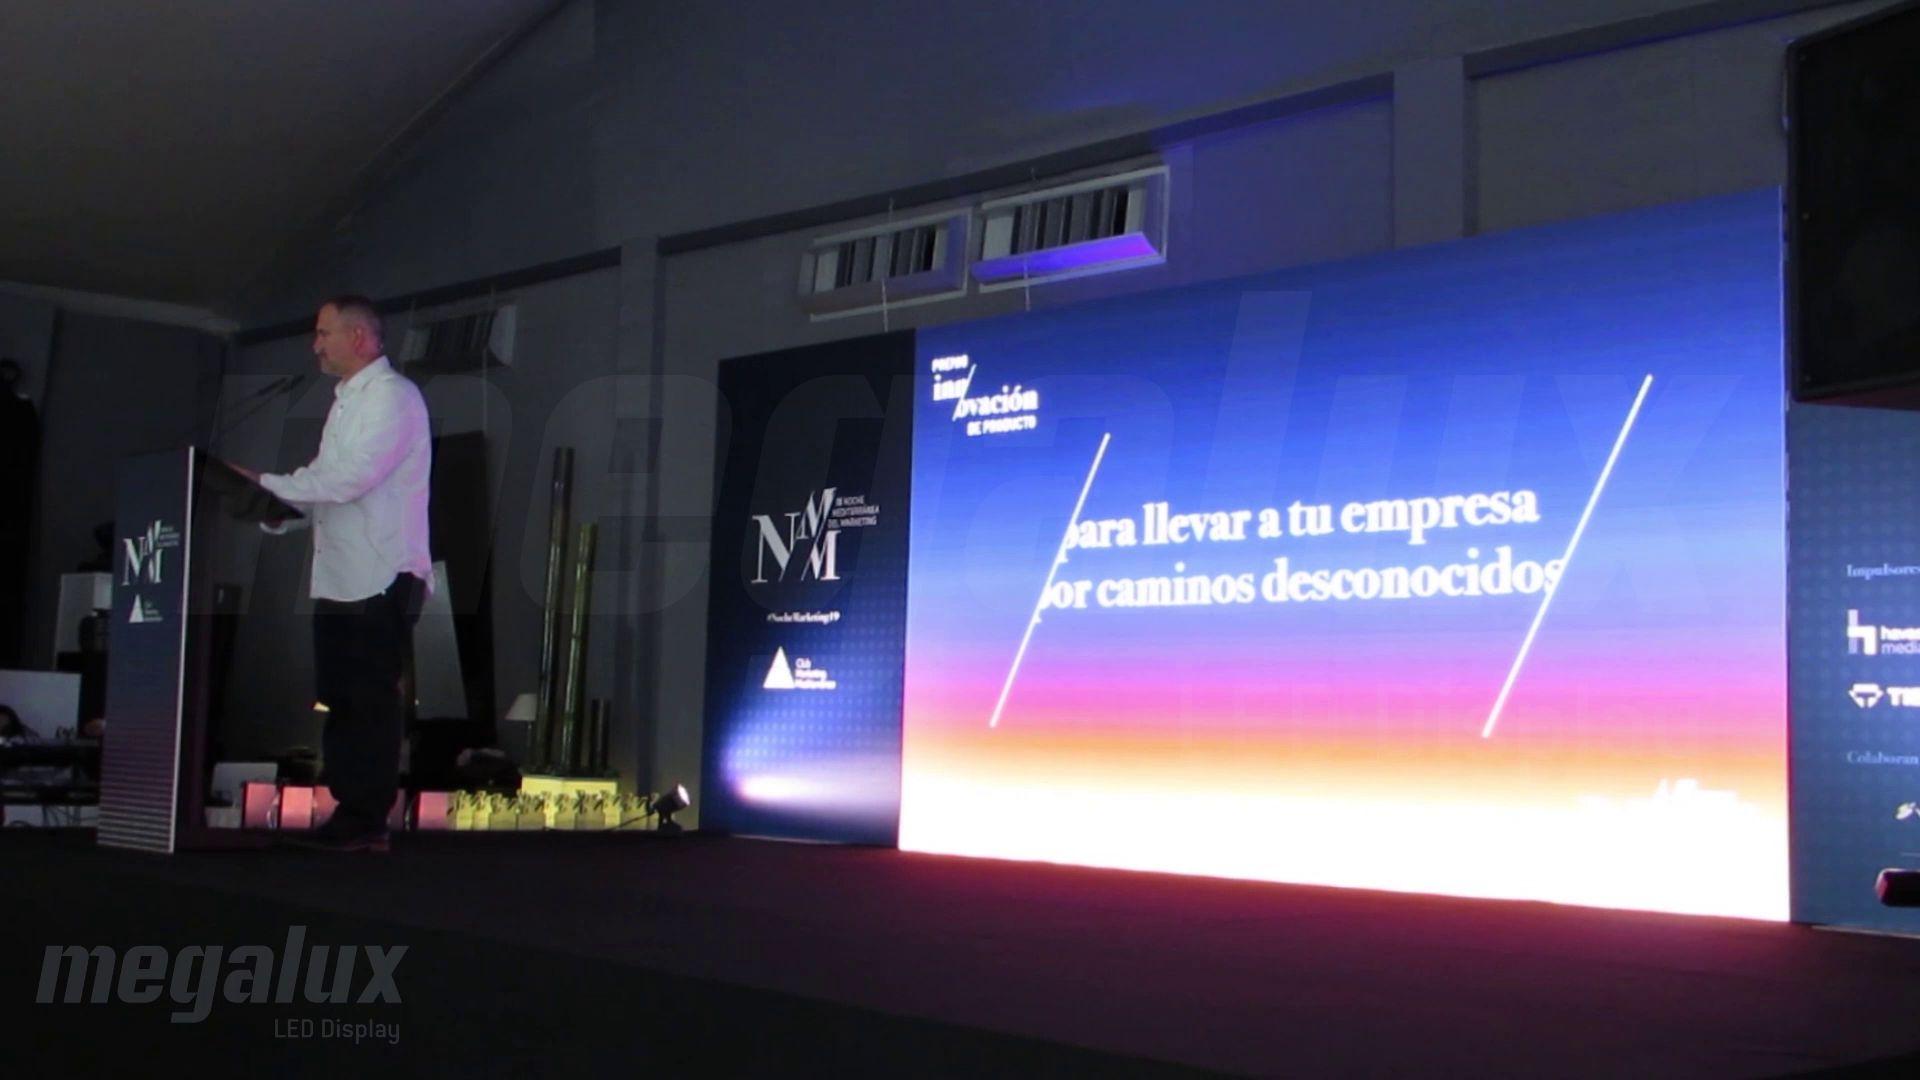 Megalux patrocina al Club de Marketing del Mediterráneo durante su entrega anual de premios